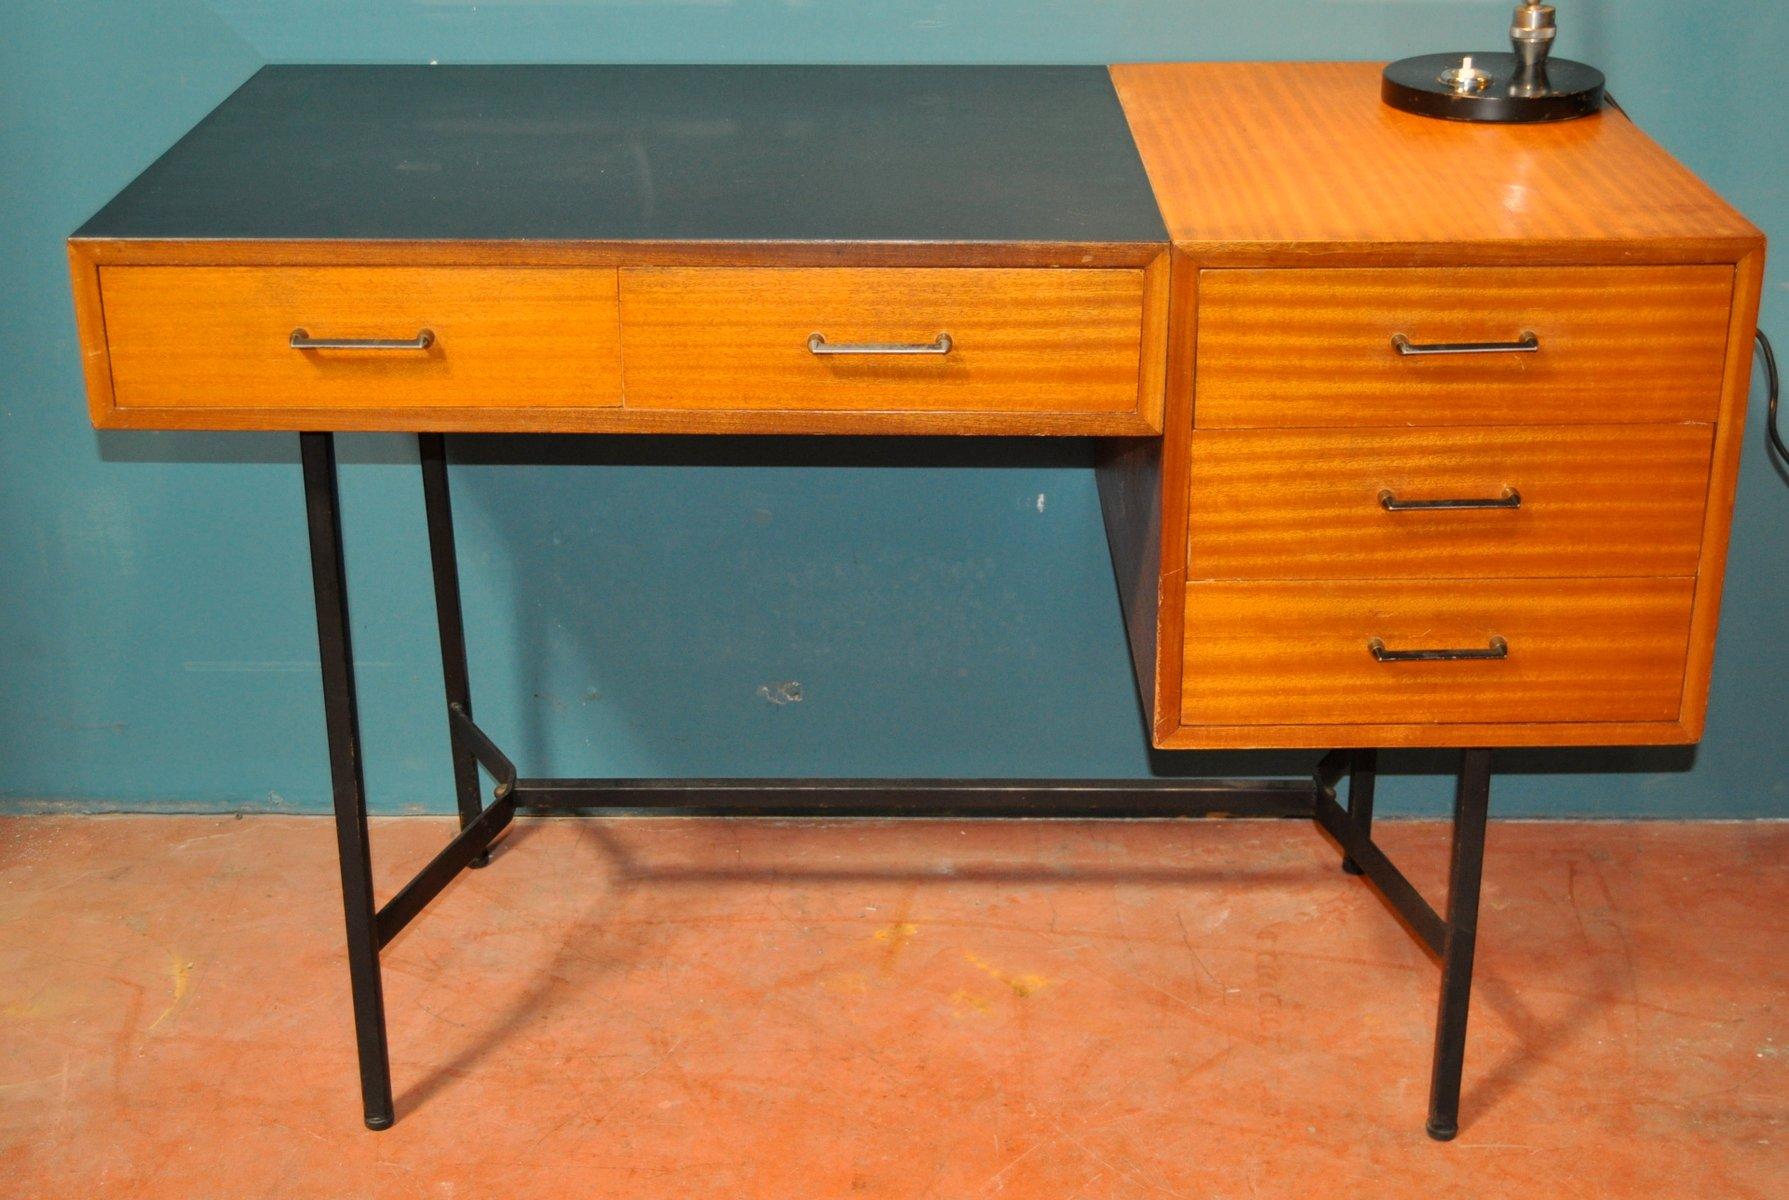 franz scher vintage schreibtisch aus holz und eisen bei. Black Bedroom Furniture Sets. Home Design Ideas